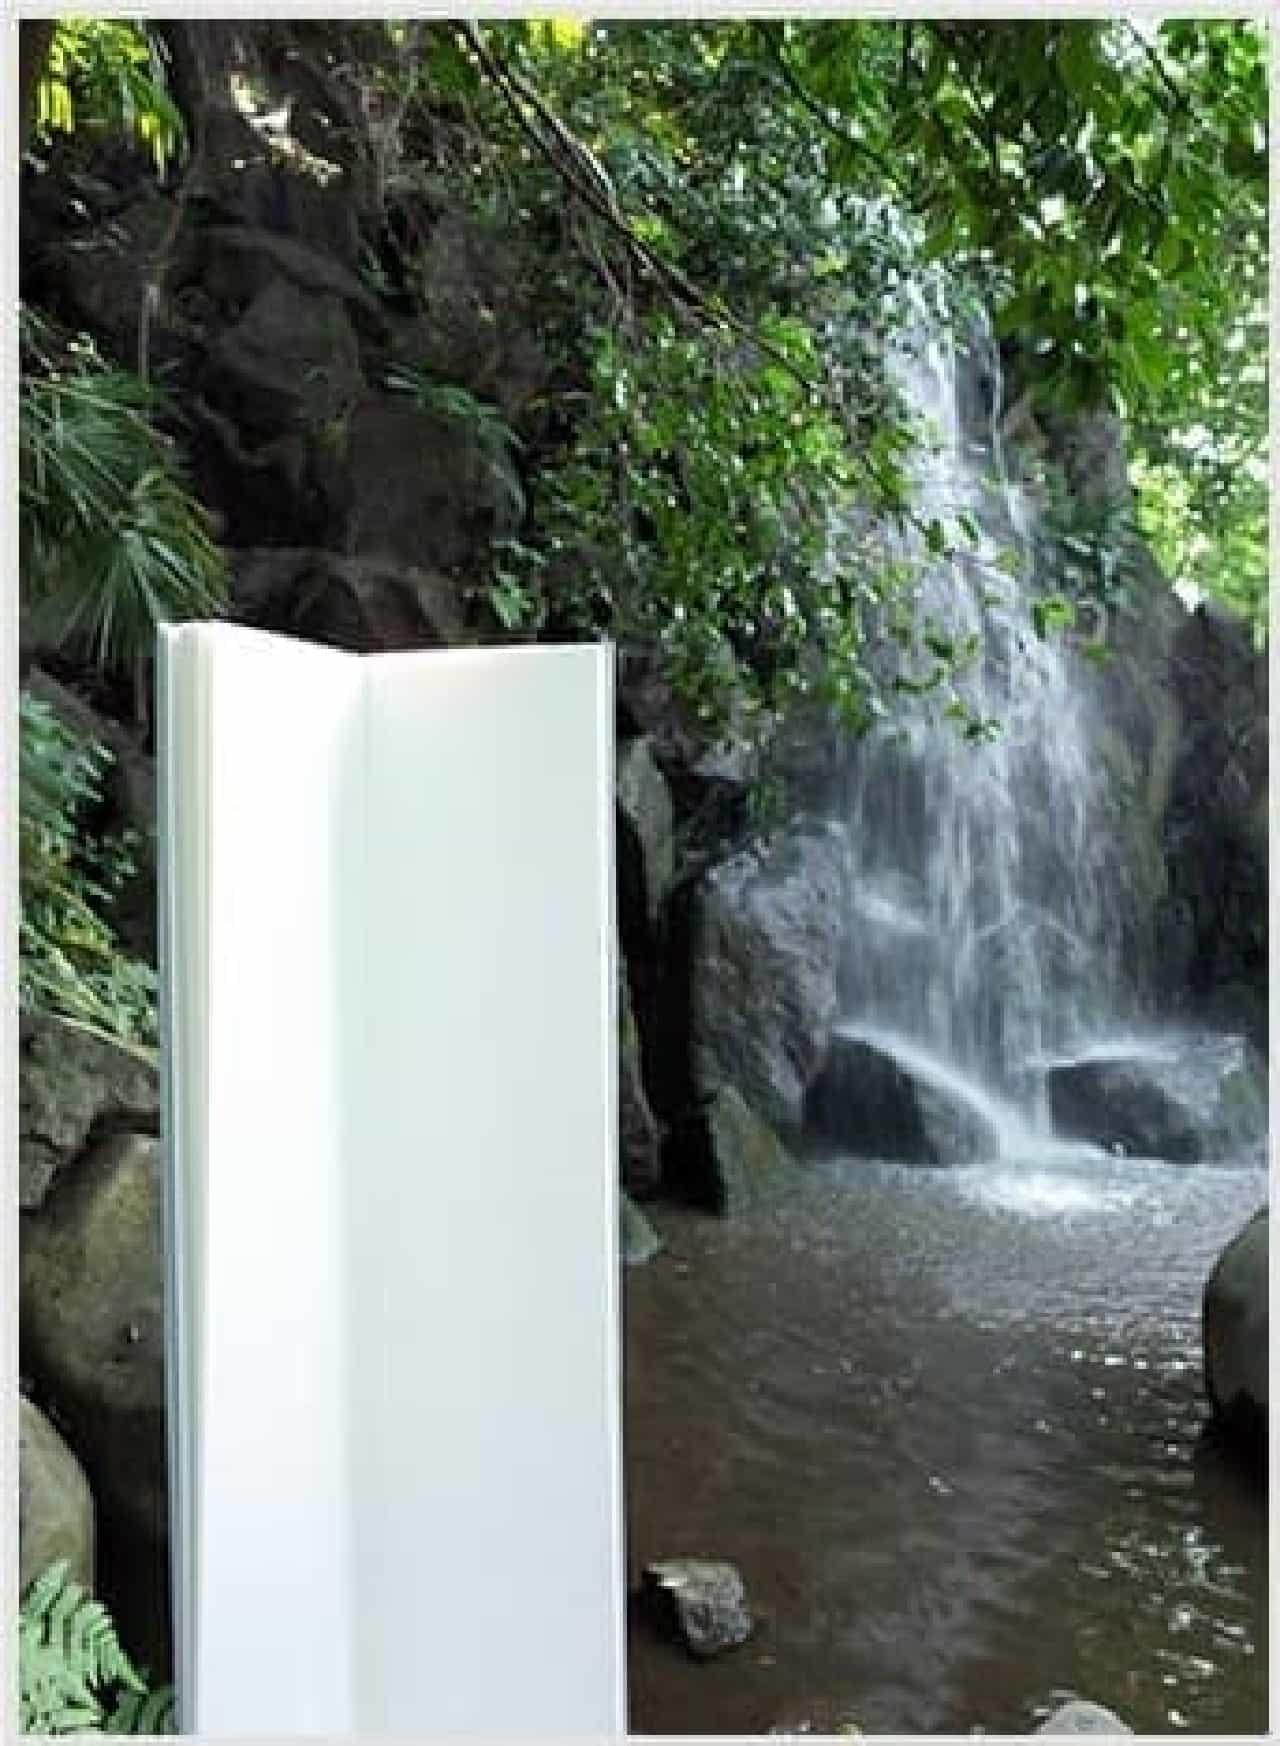 折戸朗子さんの作品「滝のためのスケッチブック」